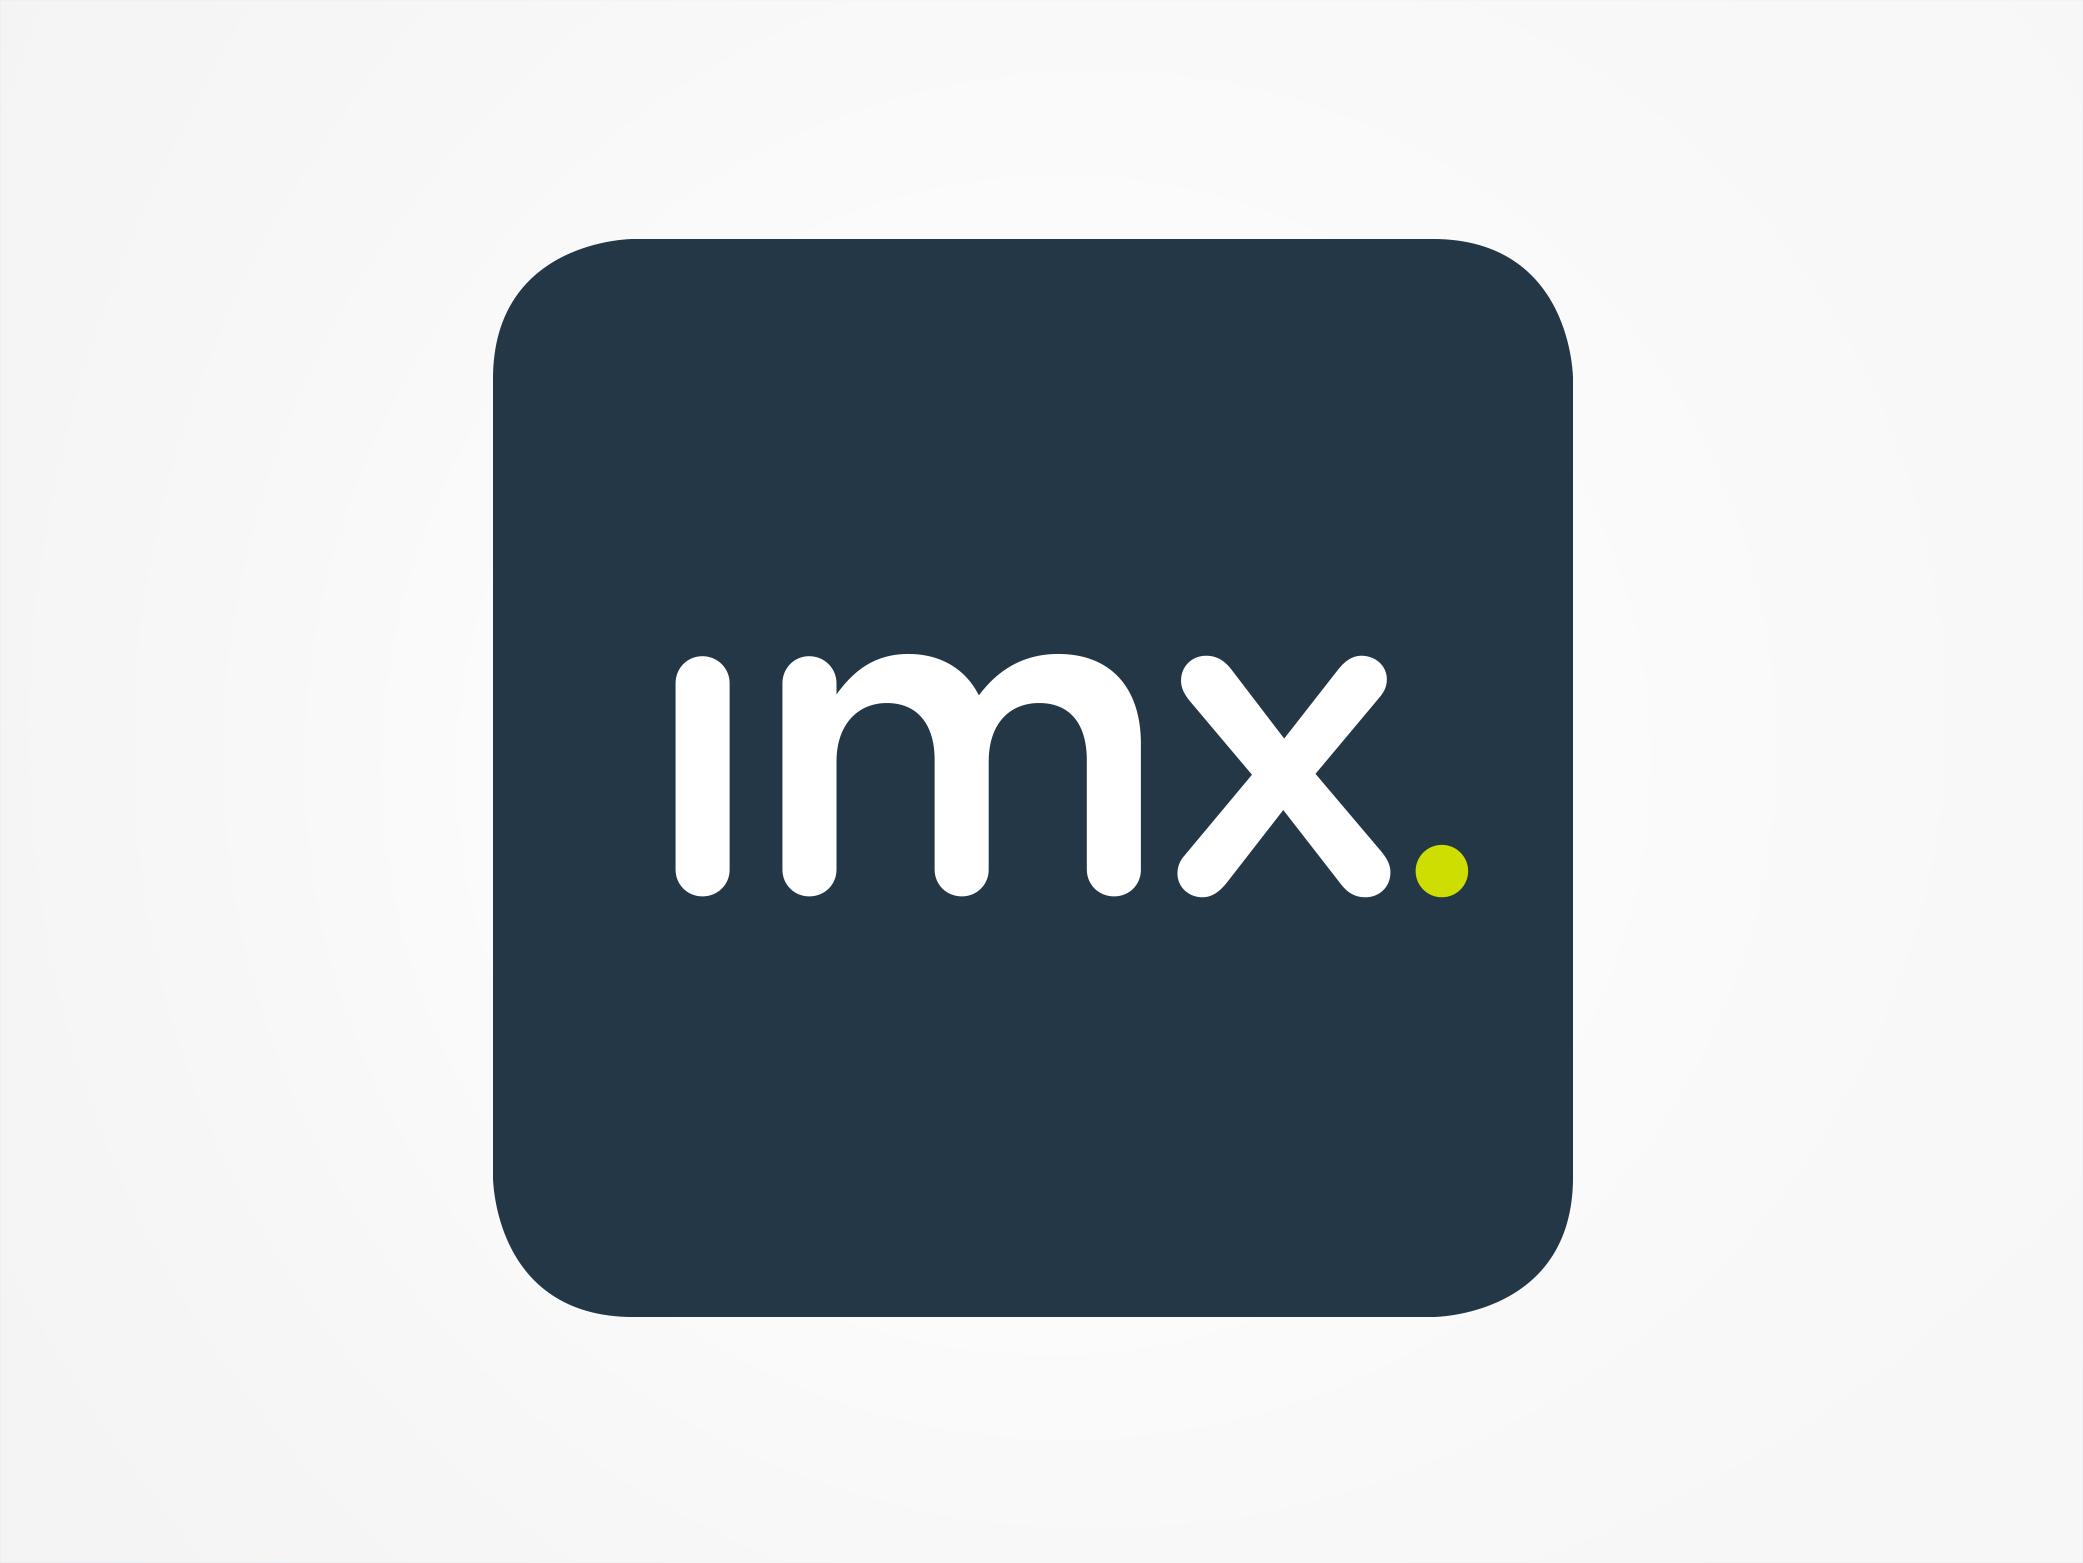 imx_logo.png